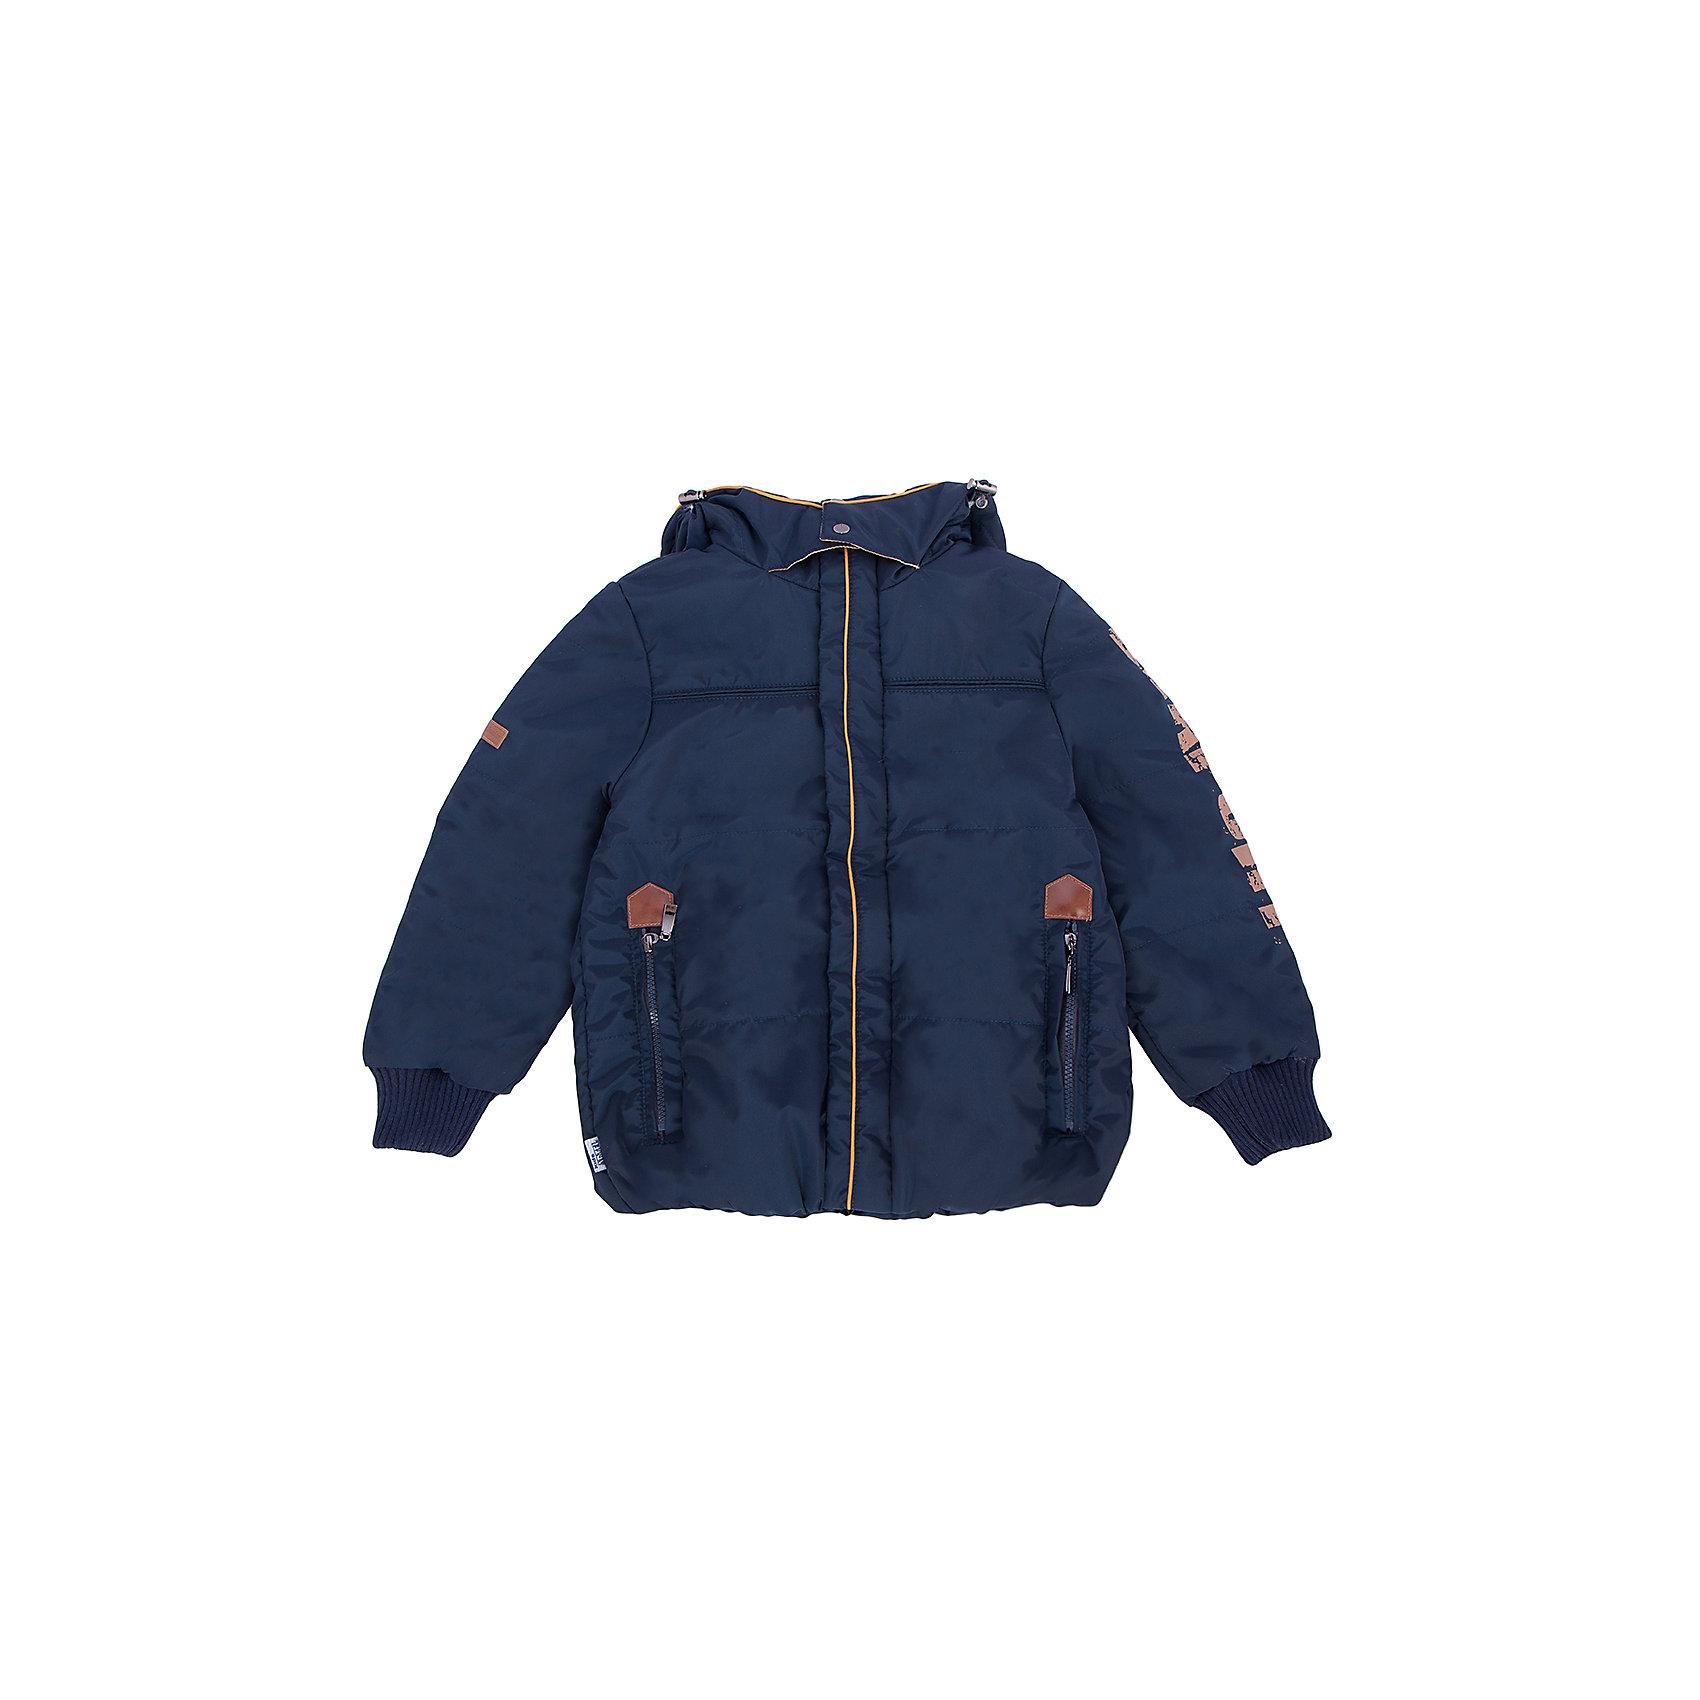 Куртка для мальчика АртельКуртка для мальчика от торговой марки Артель &#13;<br>&#13;<br>Модная утепленная куртка позволит ребенку чувствовать себя комфортно даже в холодную погоду. Сделана она из качественных материалов, поэтому может прослужить не один сезон. Практичная и удобная вещь.<br>Одежда от бренда Артель – это высокое качество по приемлемой цене и всегда продуманный дизайн. &#13;<br>&#13;<br>Особенности модели: &#13;<br>- цвет - синий;&#13;<br>- наличие карманов;&#13;<br>- капюшон;<br>- утеплитель;&#13;<br>- украшена принтом;&#13;<br>- застежка-молния.&#13;<br>&#13;<br>Дополнительная информация:&#13;<br>&#13;<br>Состав: &#13;<br>- верх: DEWSPO;<br>- подкладка: тиси;<br>- утеплитель: термофайбер 100 г<br>&#13;<br>Температурный режим: &#13;<br>от - 10 °C до + 10 °C&#13;<br>&#13;<br>Куртка для мальчика Артель (Artel) можно купить в нашем магазине.<br><br>Ширина мм: 356<br>Глубина мм: 10<br>Высота мм: 245<br>Вес г: 519<br>Цвет: синий<br>Возраст от месяцев: 120<br>Возраст до месяцев: 132<br>Пол: Мужской<br>Возраст: Детский<br>Размер: 146,134,140,128<br>SKU: 4496059